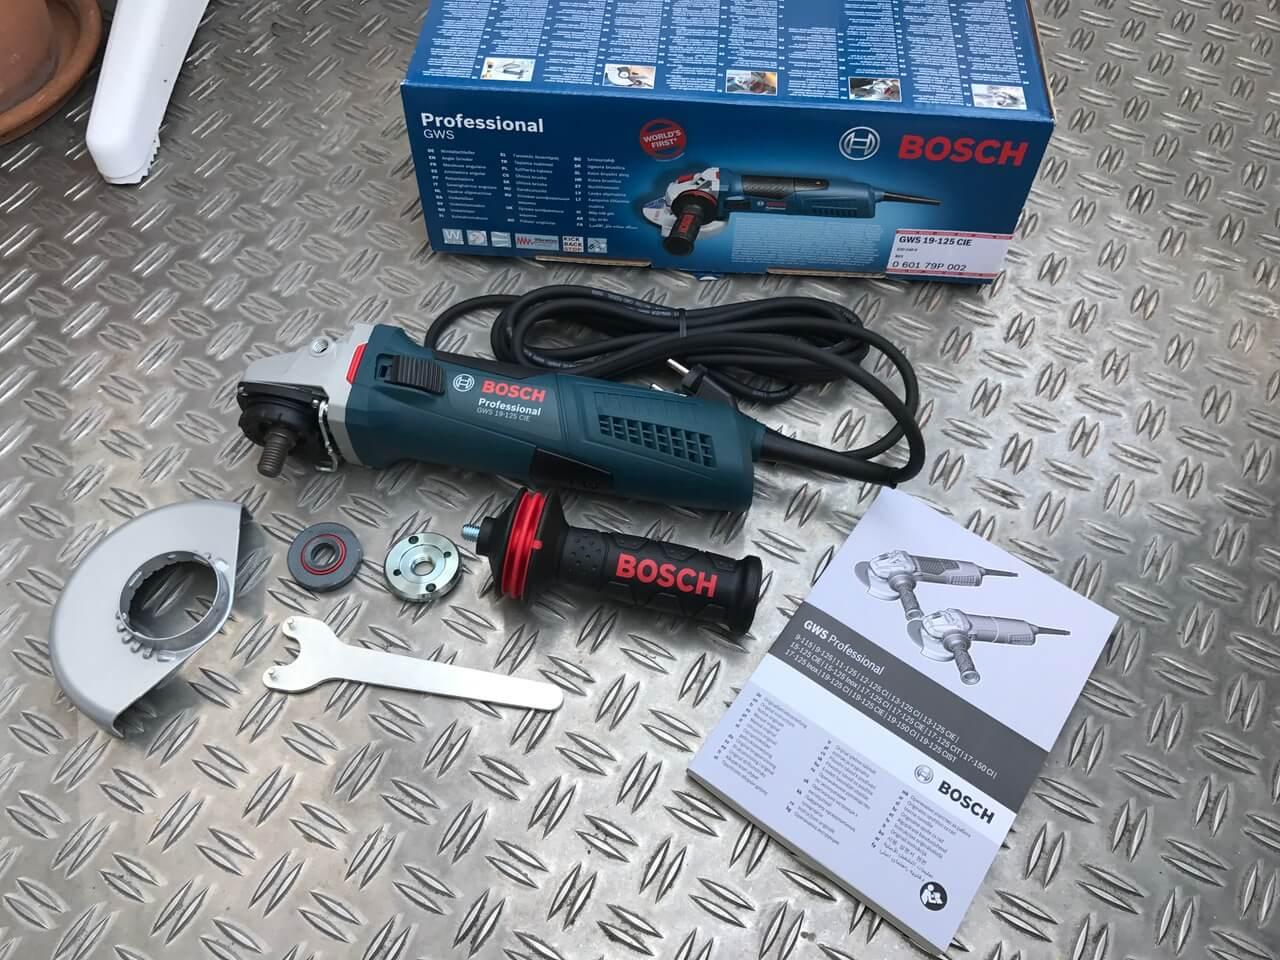 Produktest Winkelschleifer GWS 19-125 CIE von Bosch